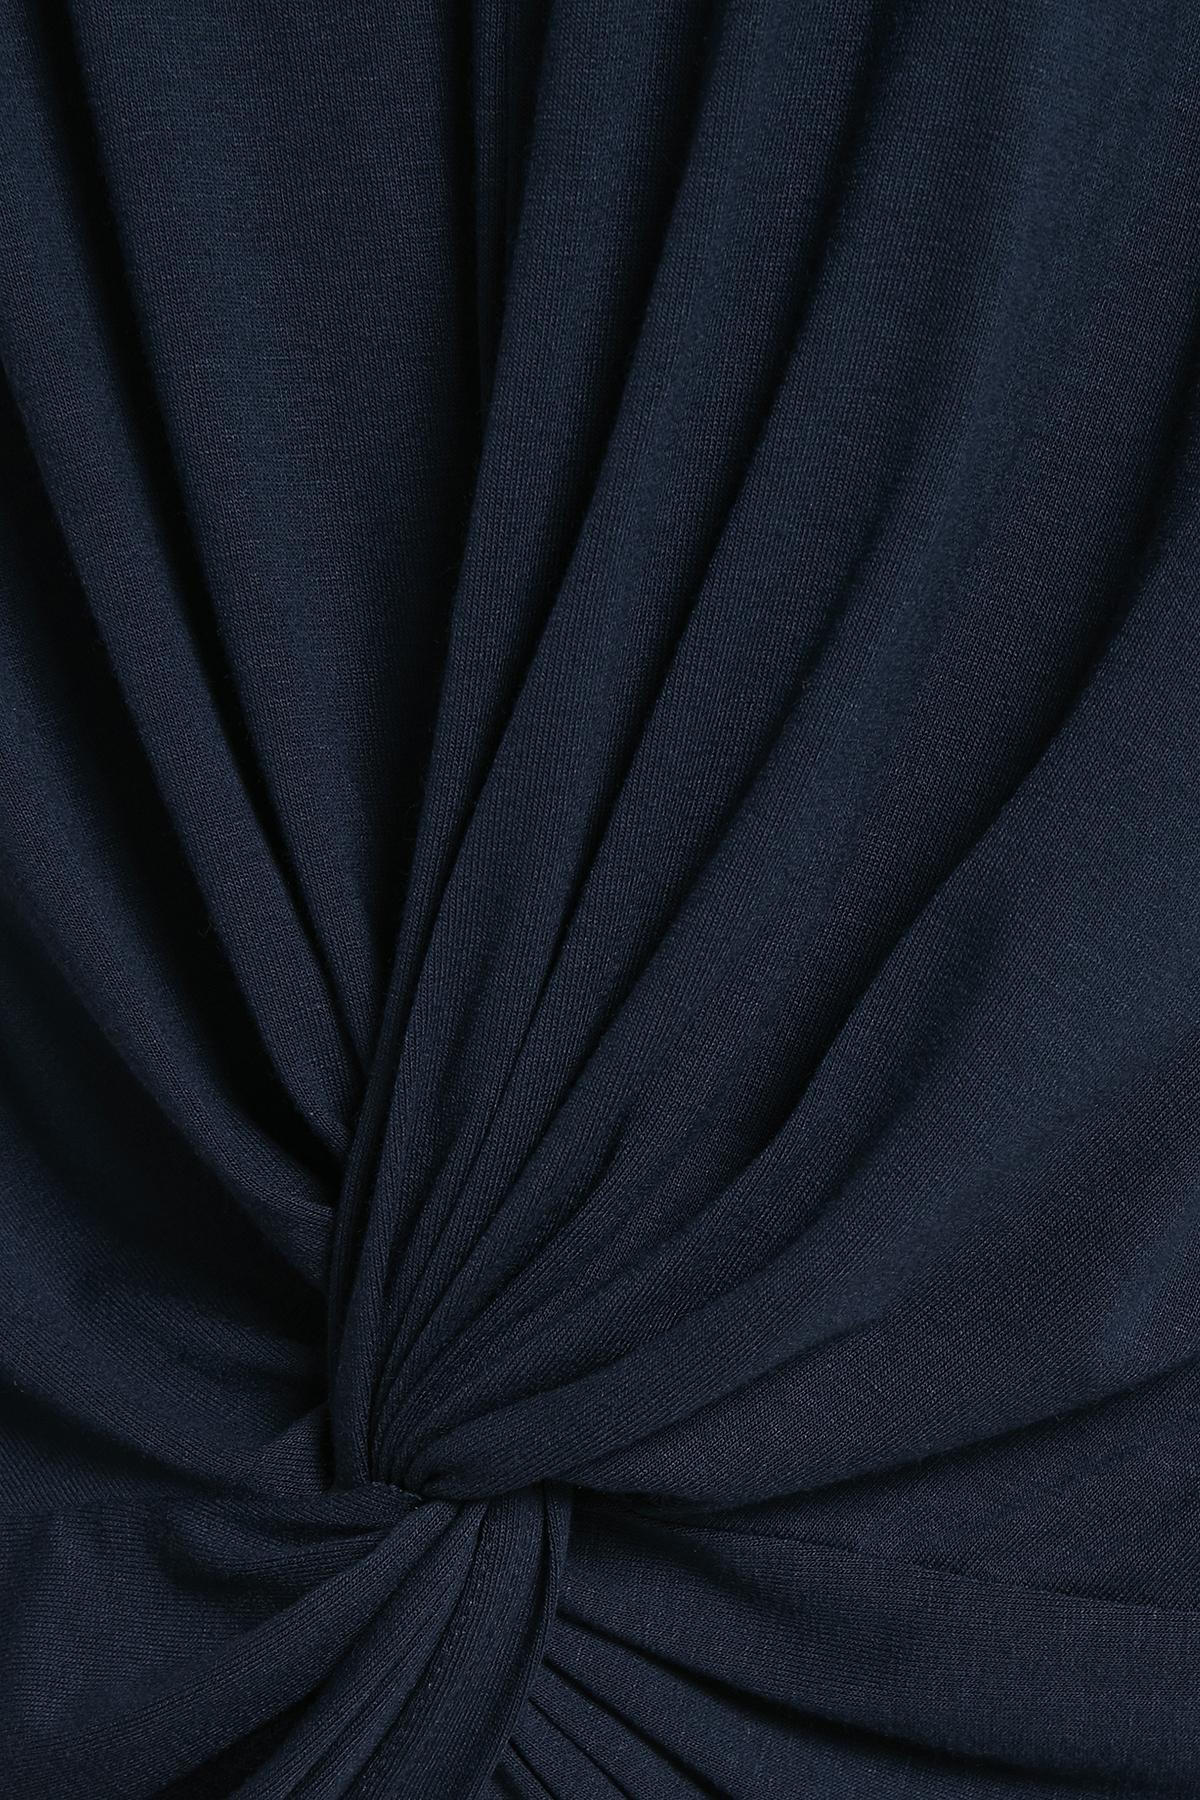 Marineblauw Blouse met korte mouwen van Bon'A Parte – Door Marineblauw Blouse met korte mouwen van maat. S-2XL hier